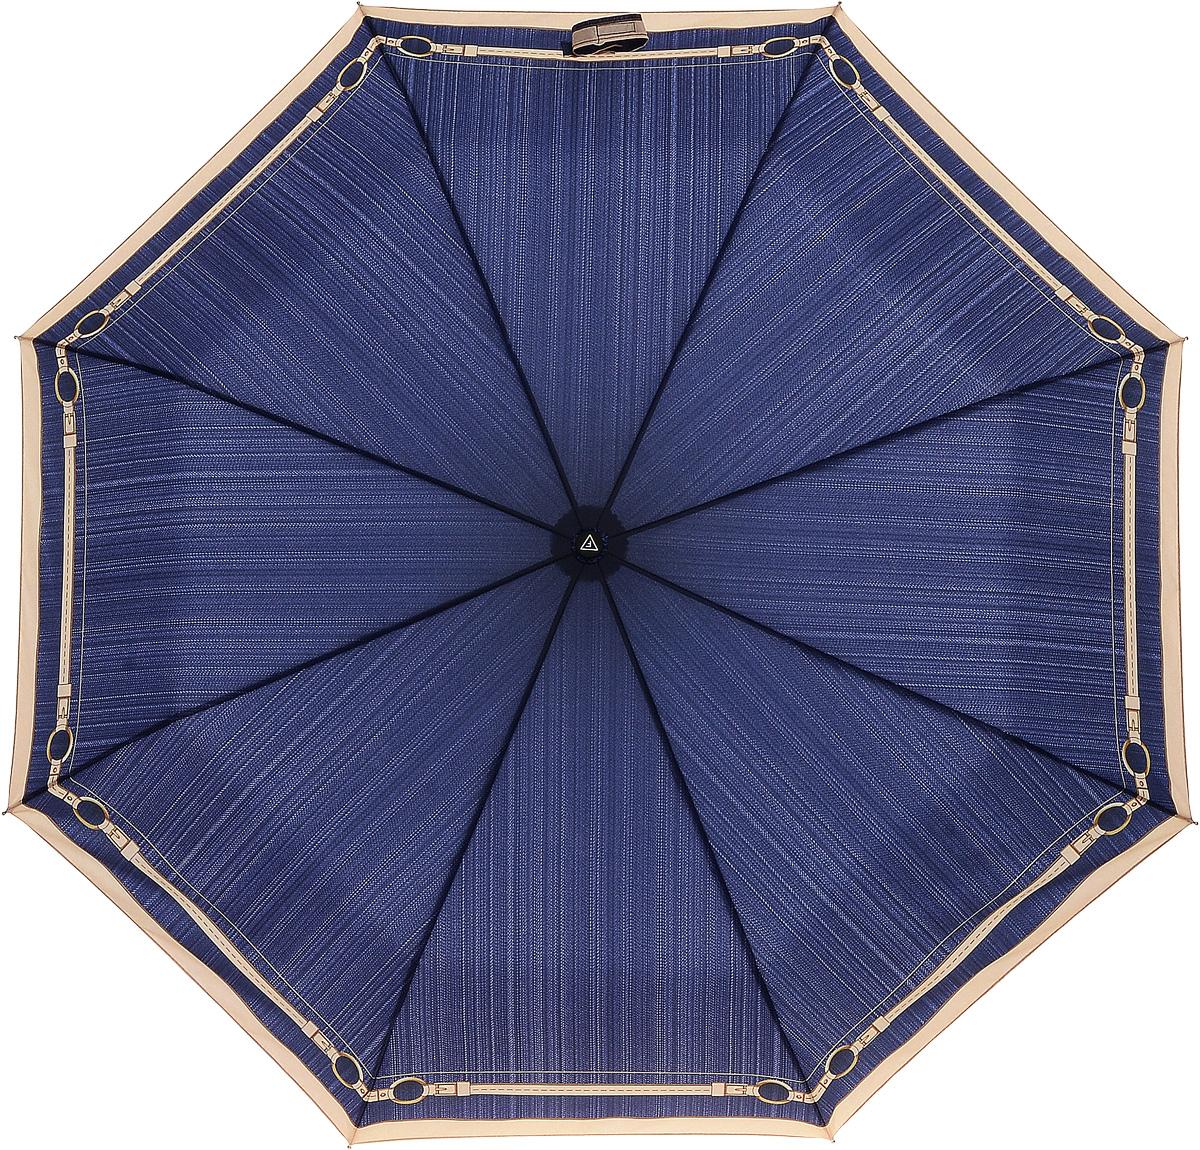 Зонт женский Fabretti, цвет: синий. L-16108-6L-16108-6Женский зонт от итальянского бренда Fabretti. Насыщенный и модный темно-синий цвет в сочетании с элегантными кремовыми оттенками сделают вас неотразимыми в любую непогоду! Стильный дизайнерский принт в виде утонченных графических линий и стилизация под джинсовую ткань добавят изюминку и нотки шика к любому образу. Значительным преимуществом данной модели является система антиветер, которая позволяет выдержать сильные порывы ветра. Материал купола - эпонж, обладает высокой прочностью и износостойкостью. Вода на куполе из такого материала скатывается каплями вниз, а не впитывается, на нем практически не видны следы изгибов. Эргономичная ручка сделана из высококачественного пластика-полиуретана с противоскользящей обработкой.